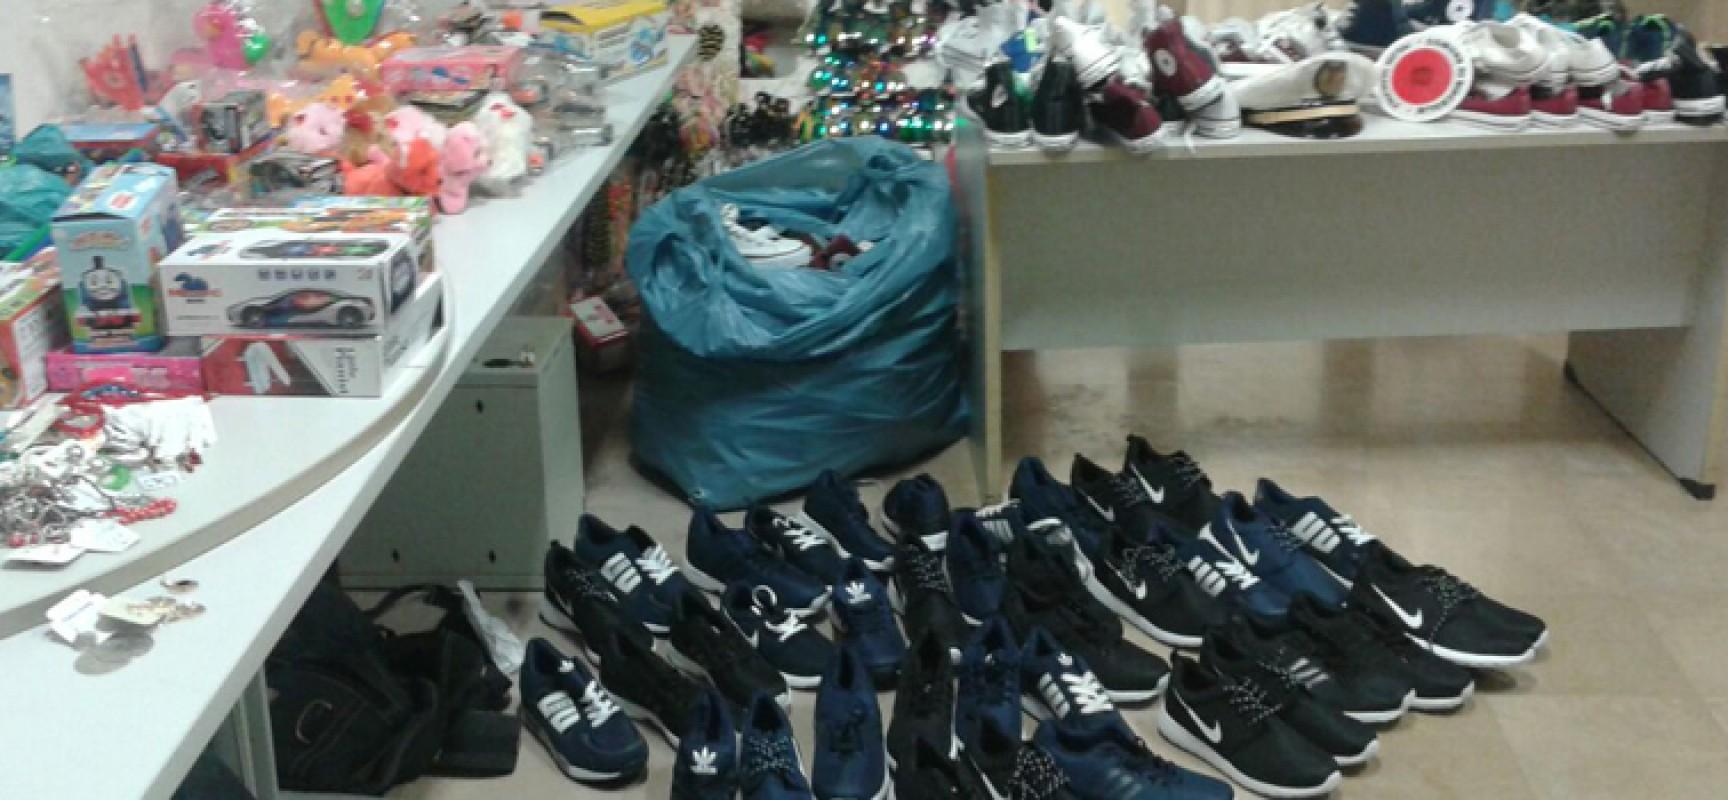 Controllo della Polizia Municipale al mercato: sequestrate scarpe, bigiotteria e giocattoli / FOTO